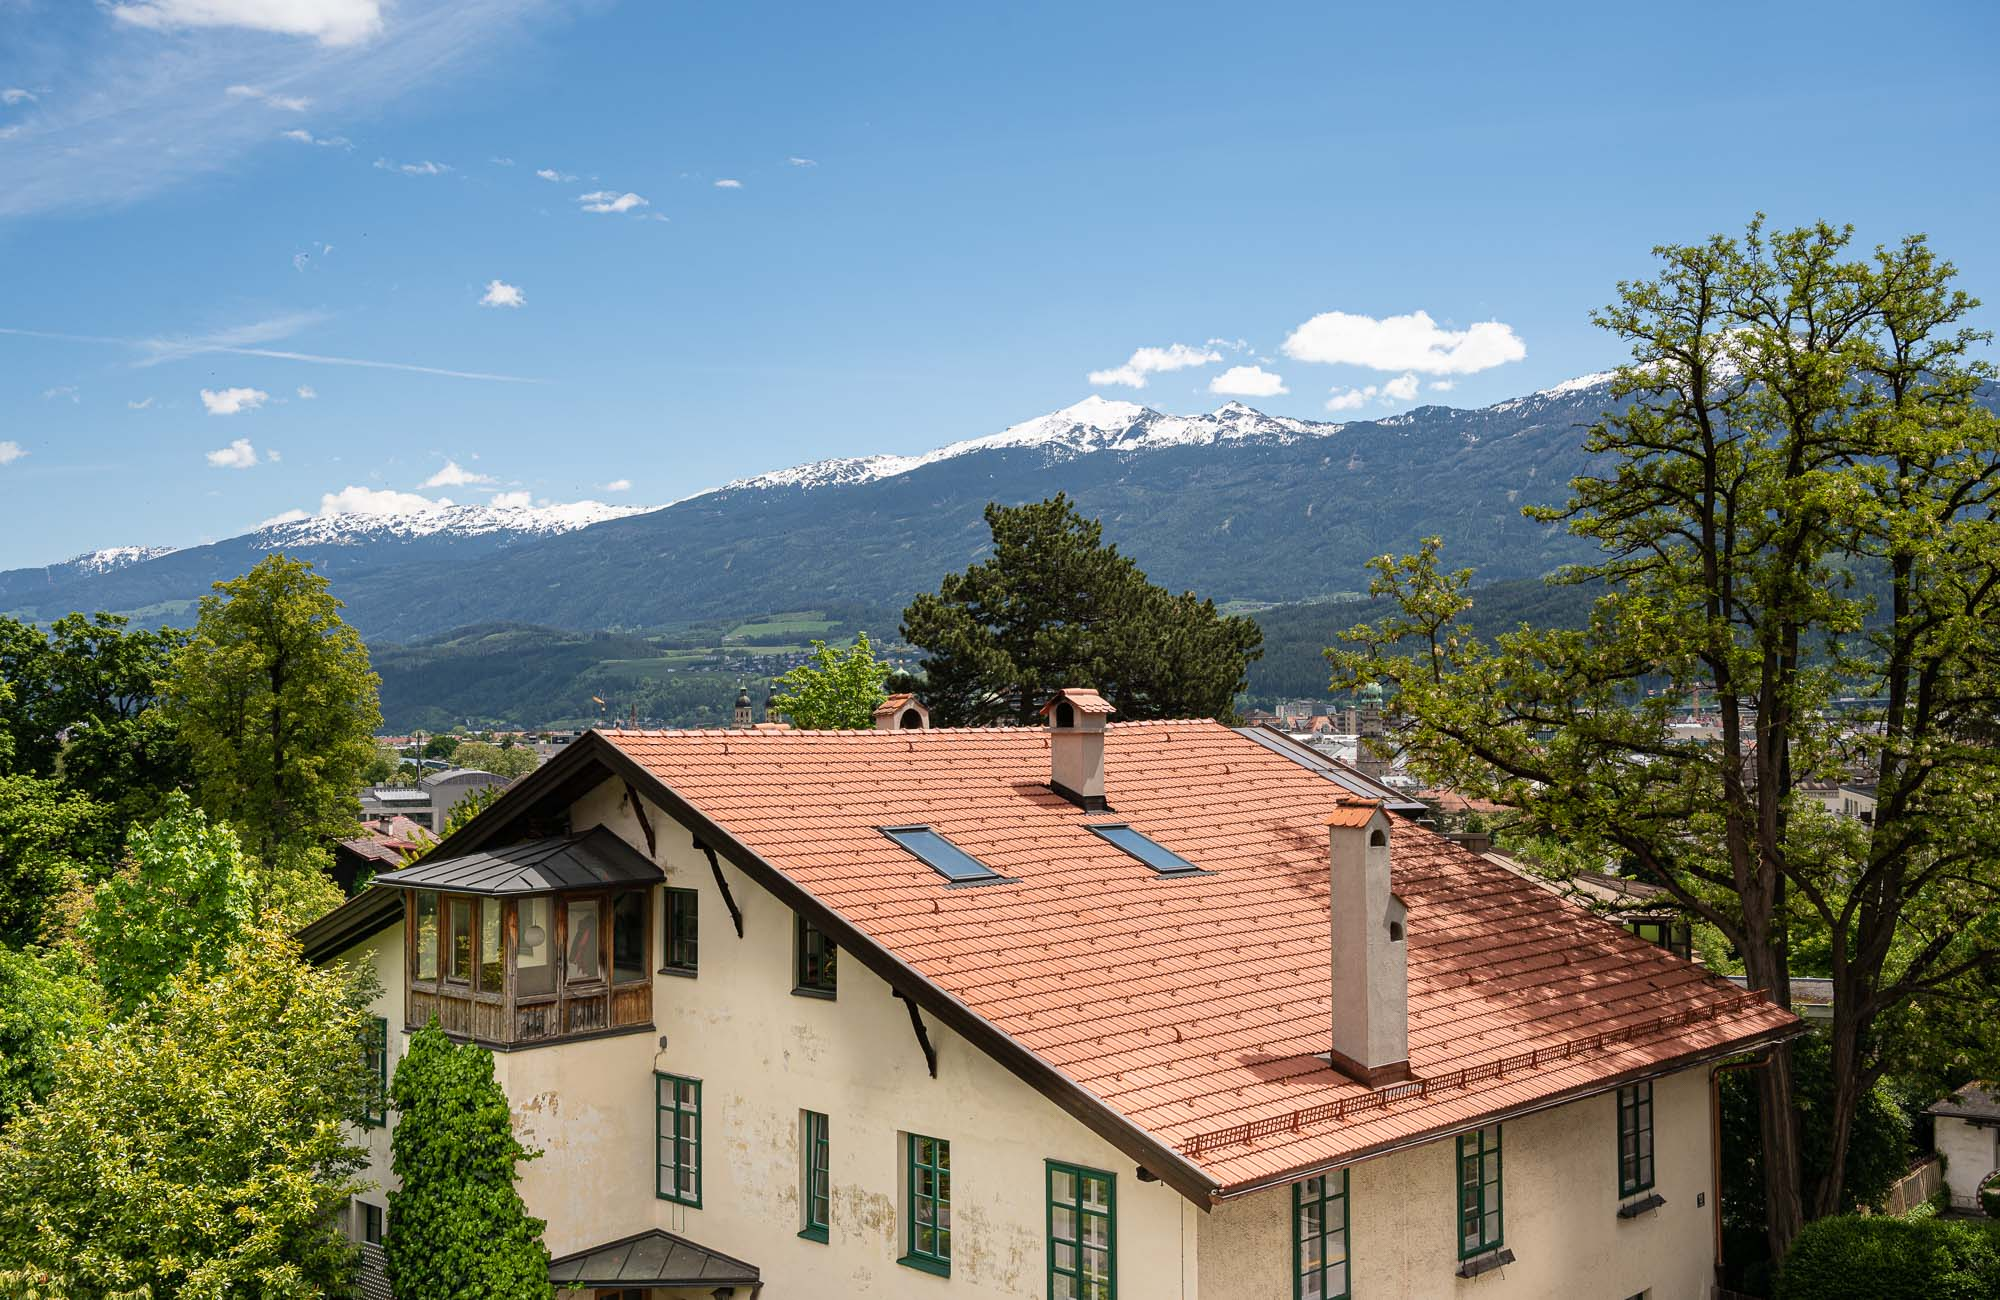 Absteige Innsbruck, Sommerurlaub, Aussicht